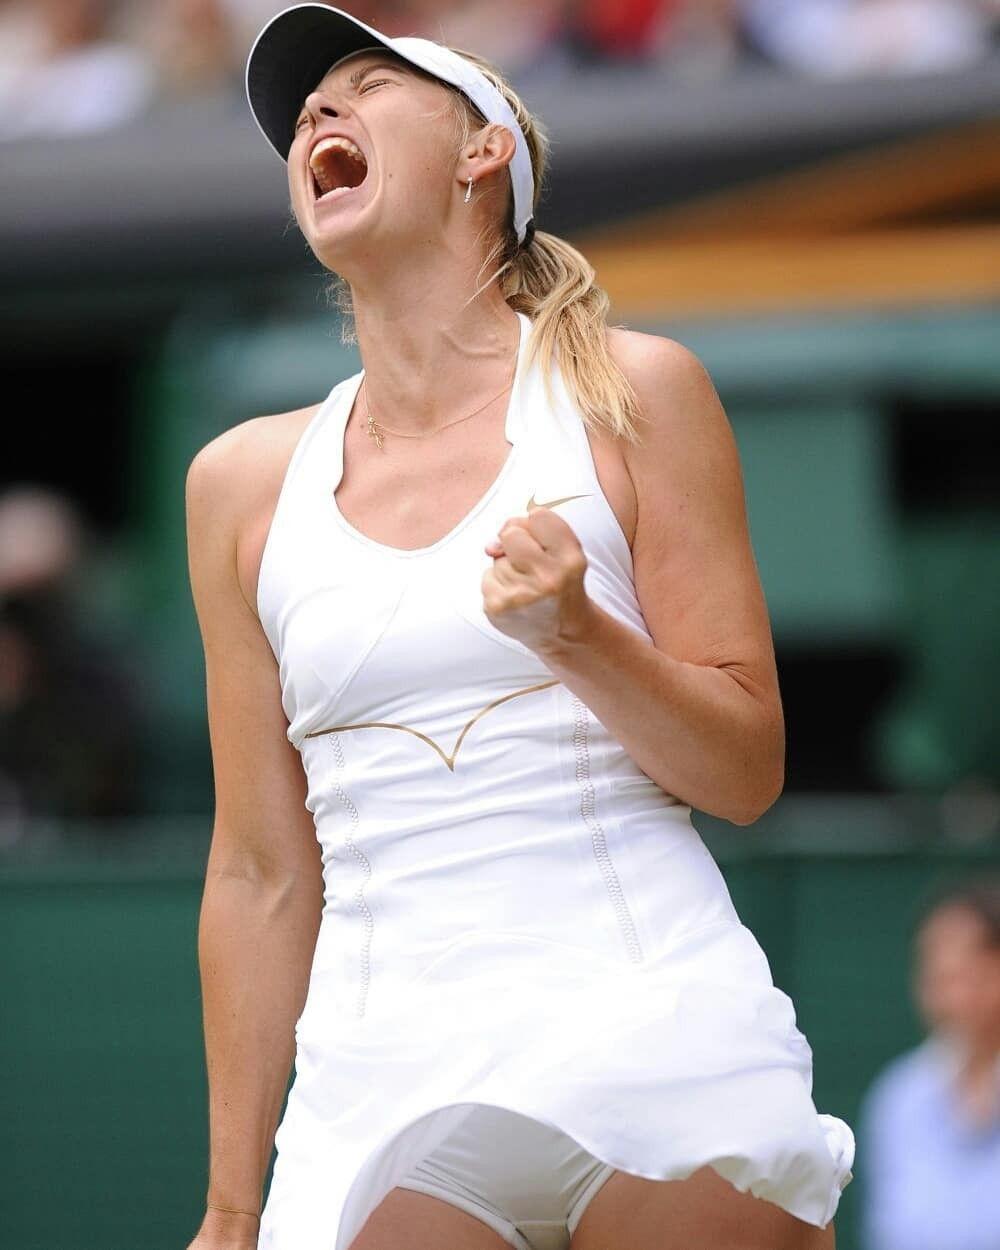 Смотреть фото под юбкой у теннисисток — photo 8